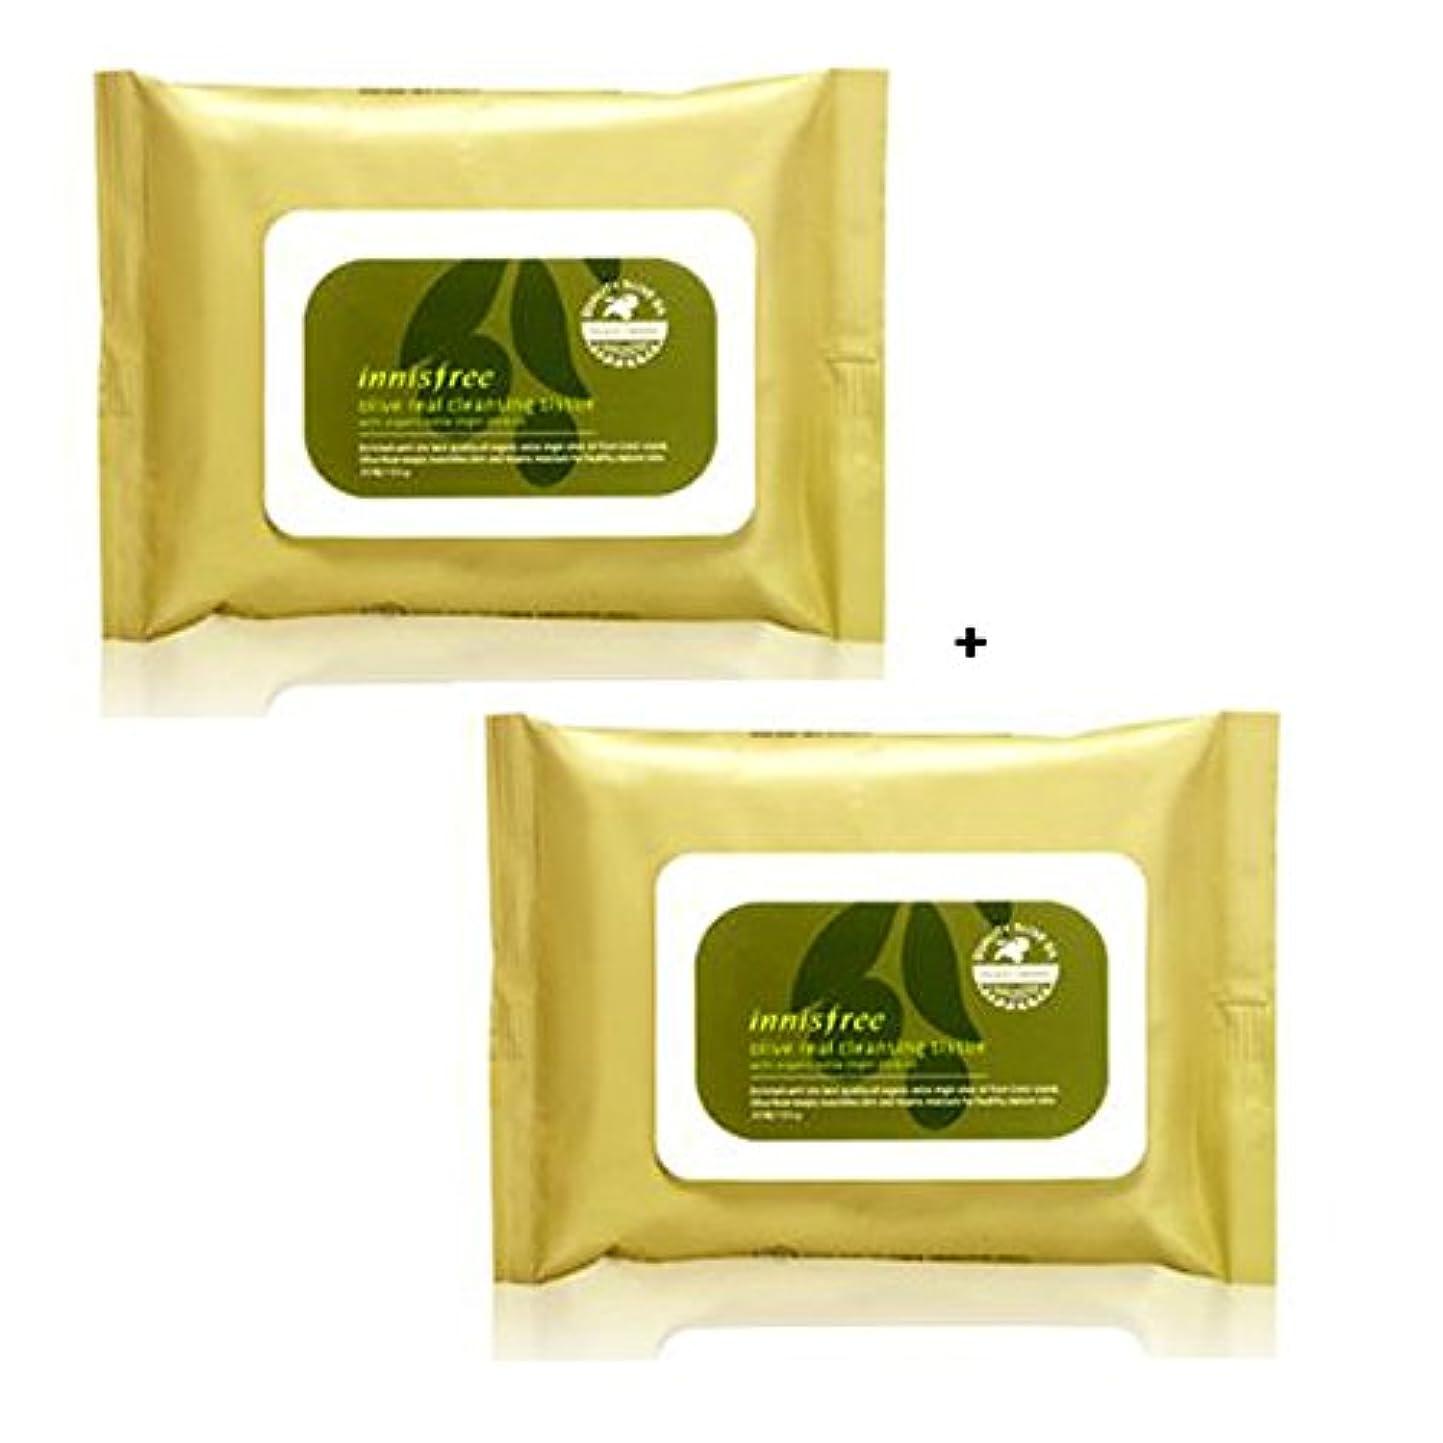 条件付きノミネート規制イニスフリー Innisfree オリーブリアル クレンジングティッシュ (30枚x2) Innisfree Olive Real Cleansing Tissue (30sheetsx2Pcs) [海外直送品]